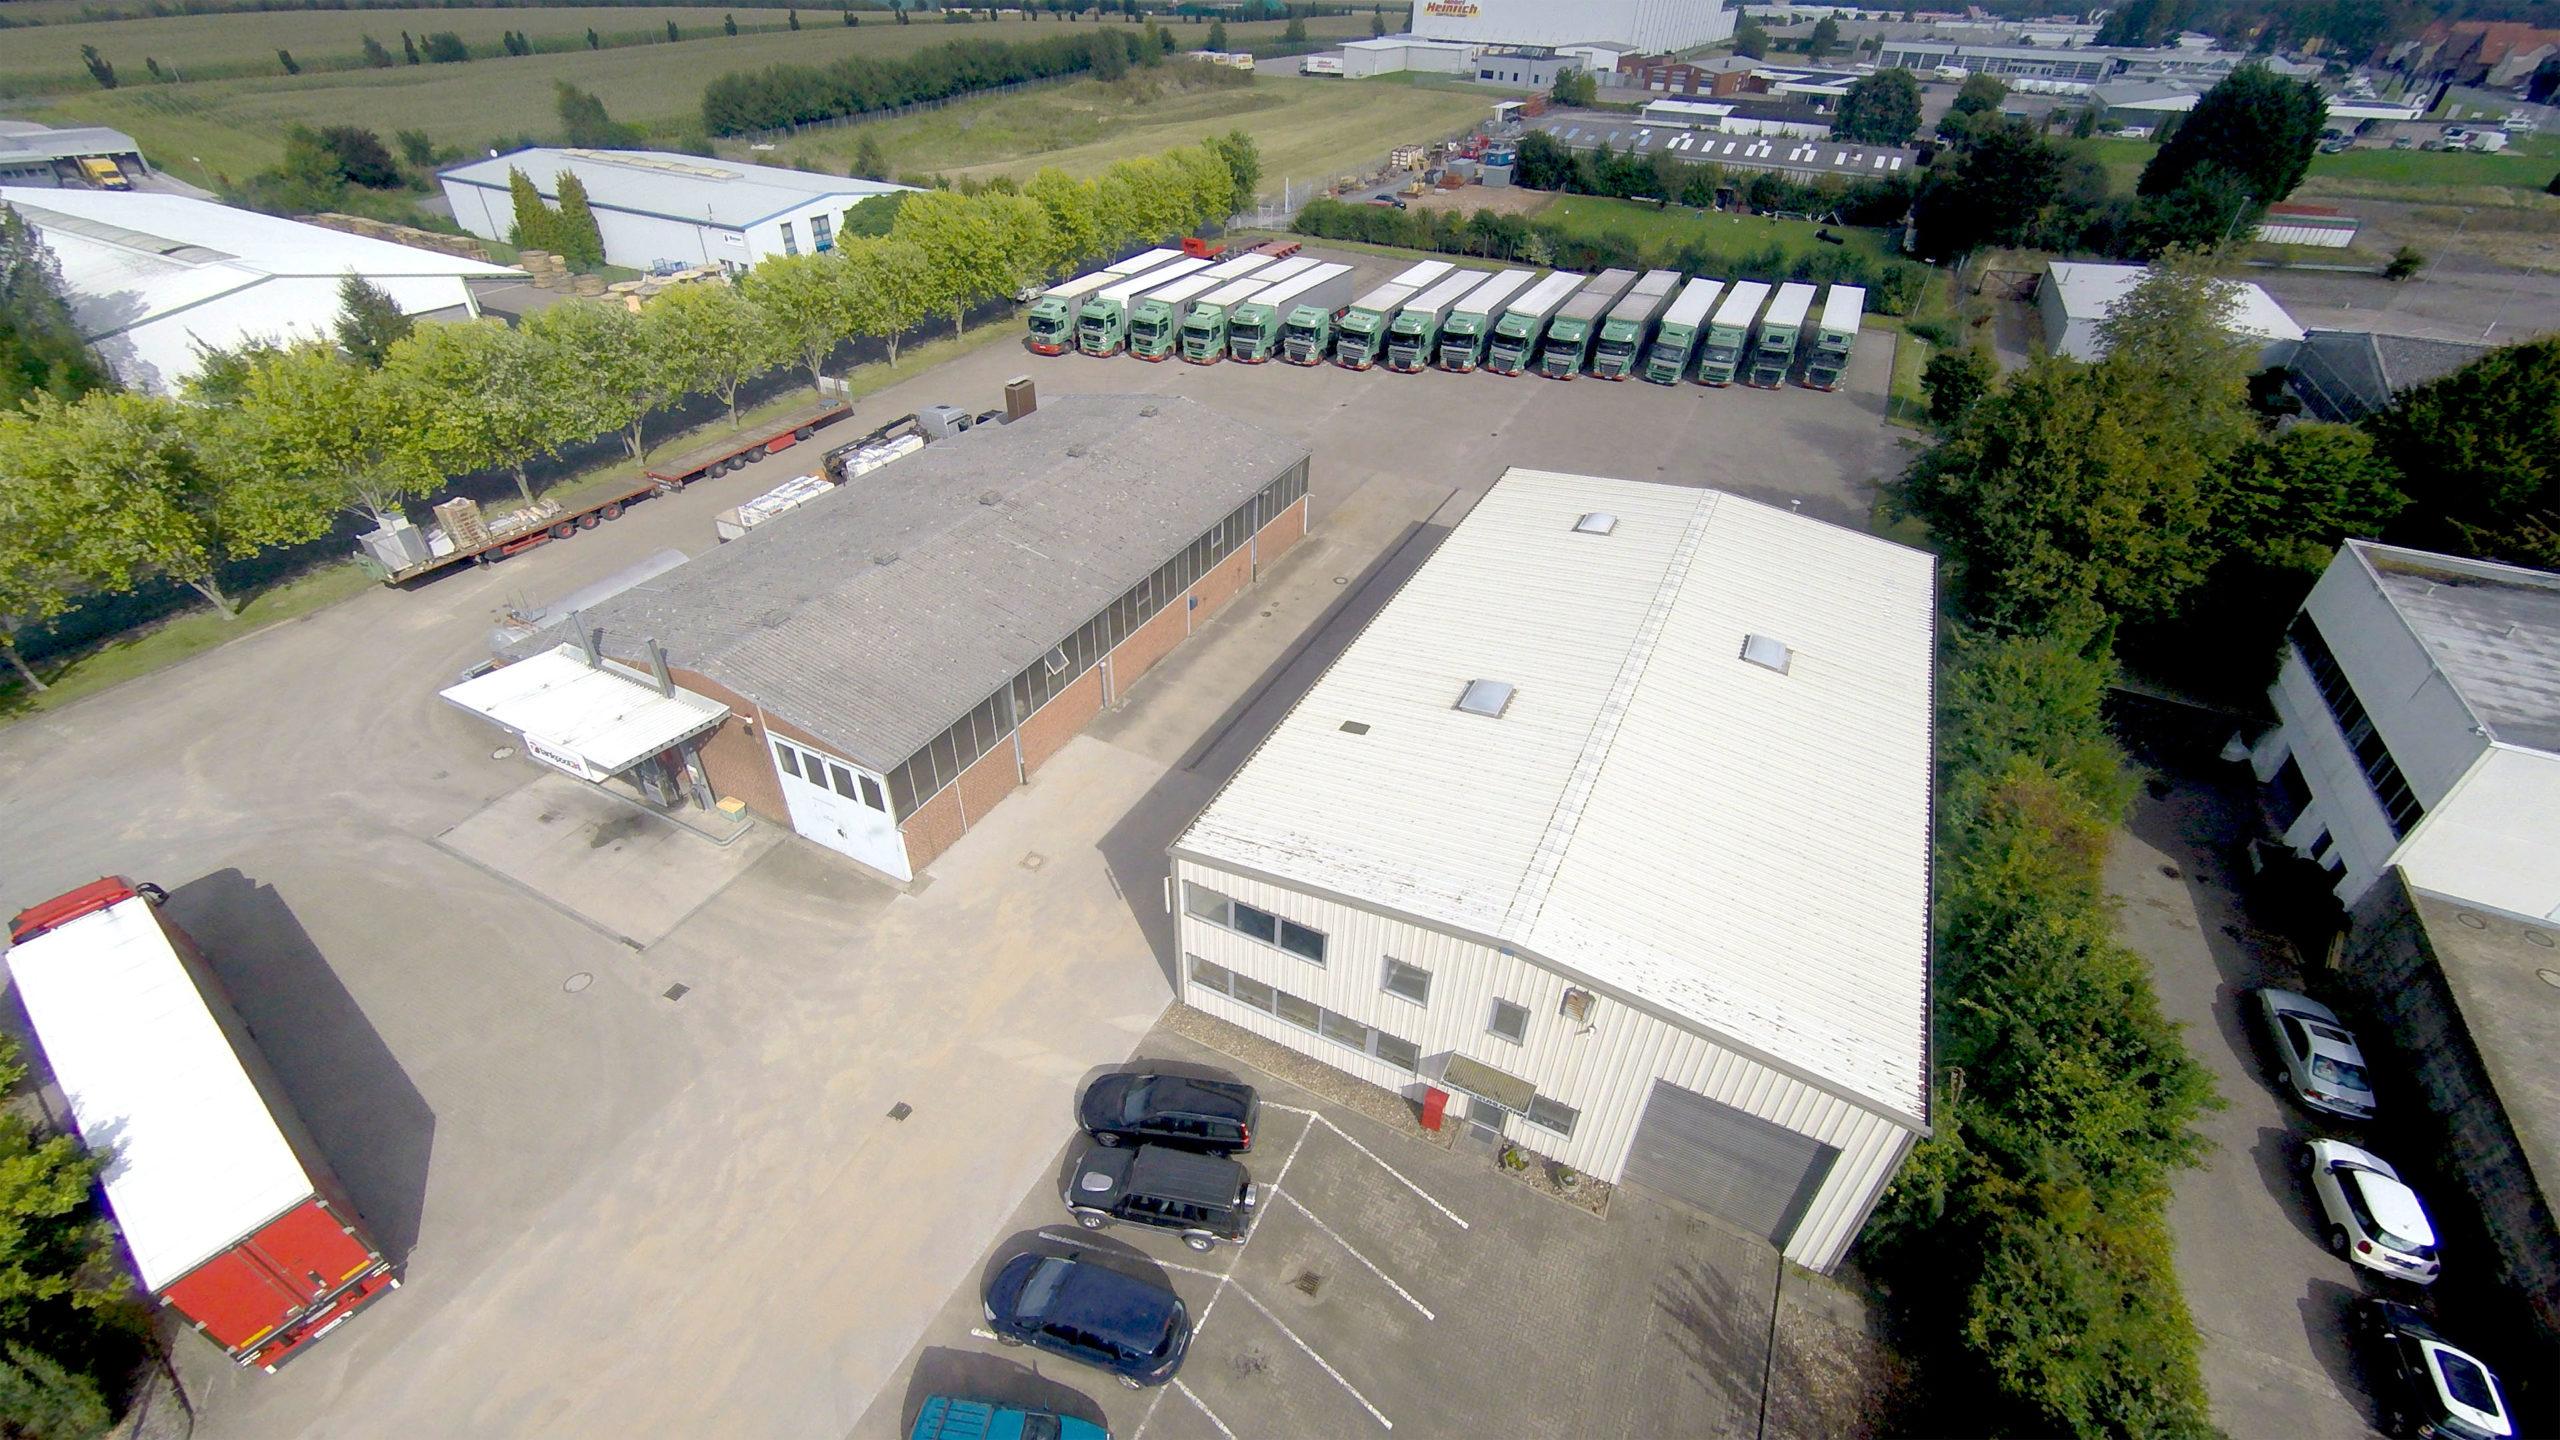 Mit einer Lagerfläche von ca. 1.500 m² und einer umzäunten Außenfläche von ca. 2.000 m² bieten wir Ihnen in Stadthagen eine Lagerfläche mit umfassenden Möglichkeiten.